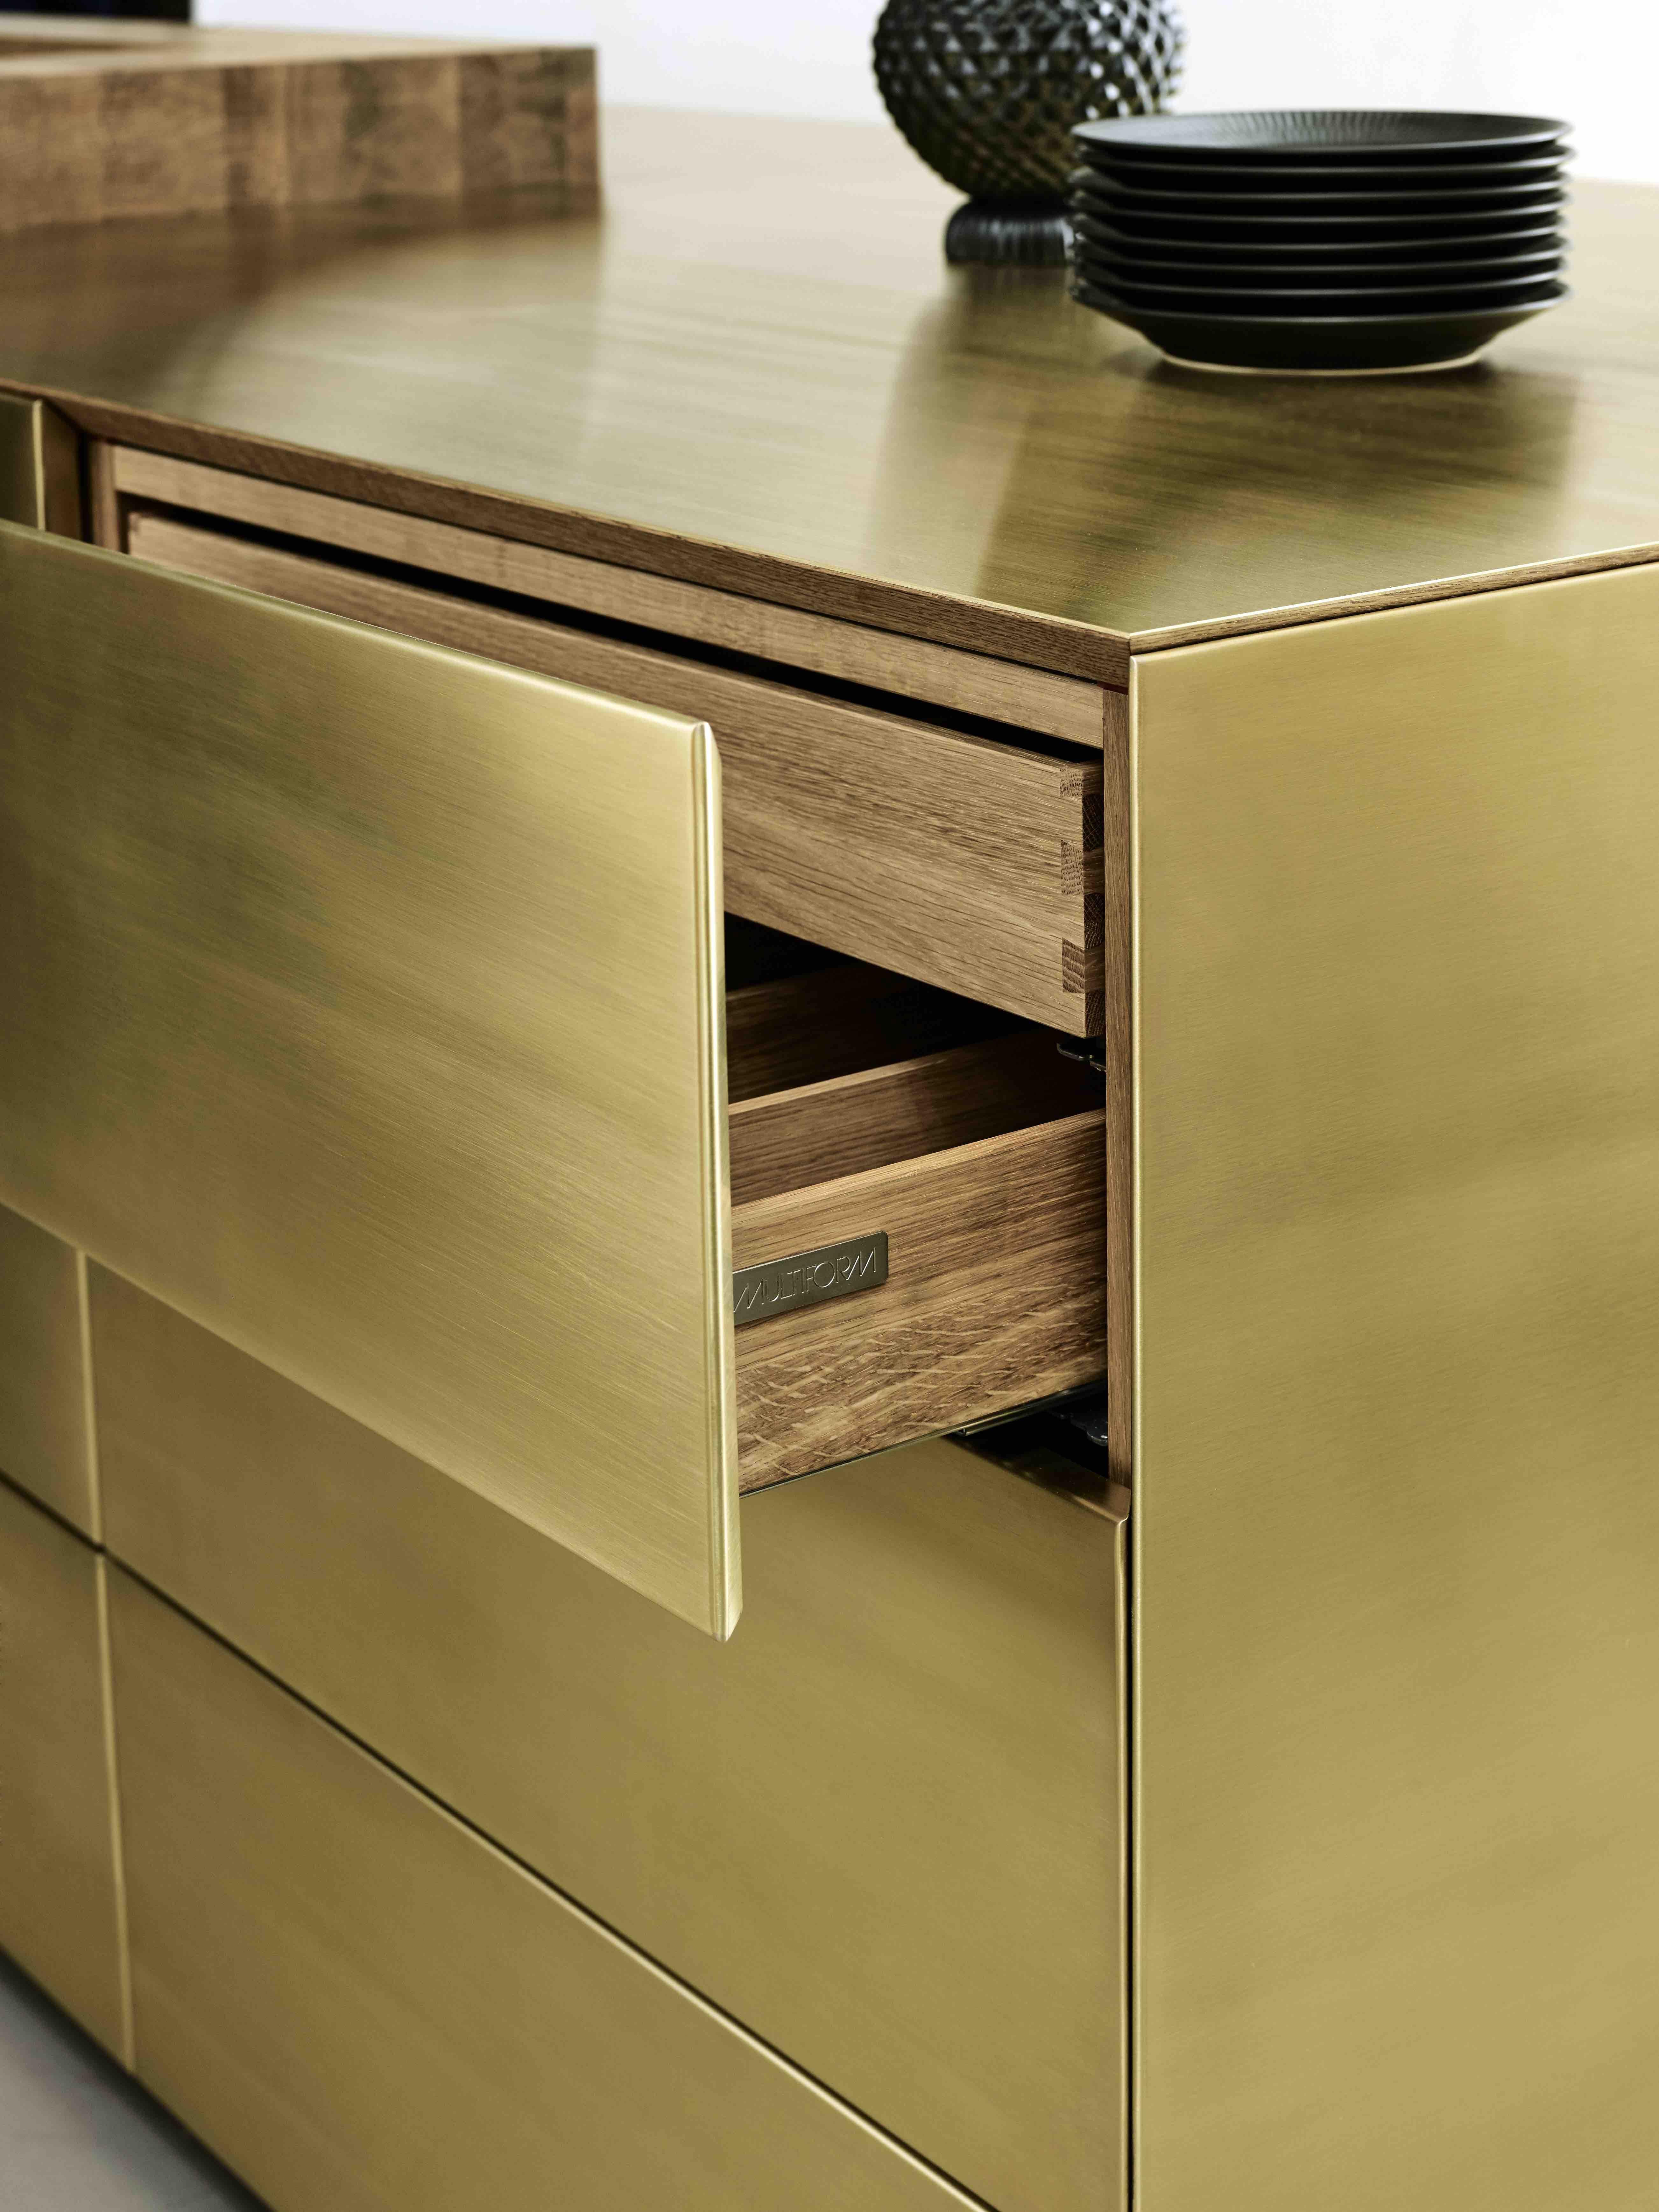 Küchendesign mit goldfarbener Oberfläche | Messing & Gold ...